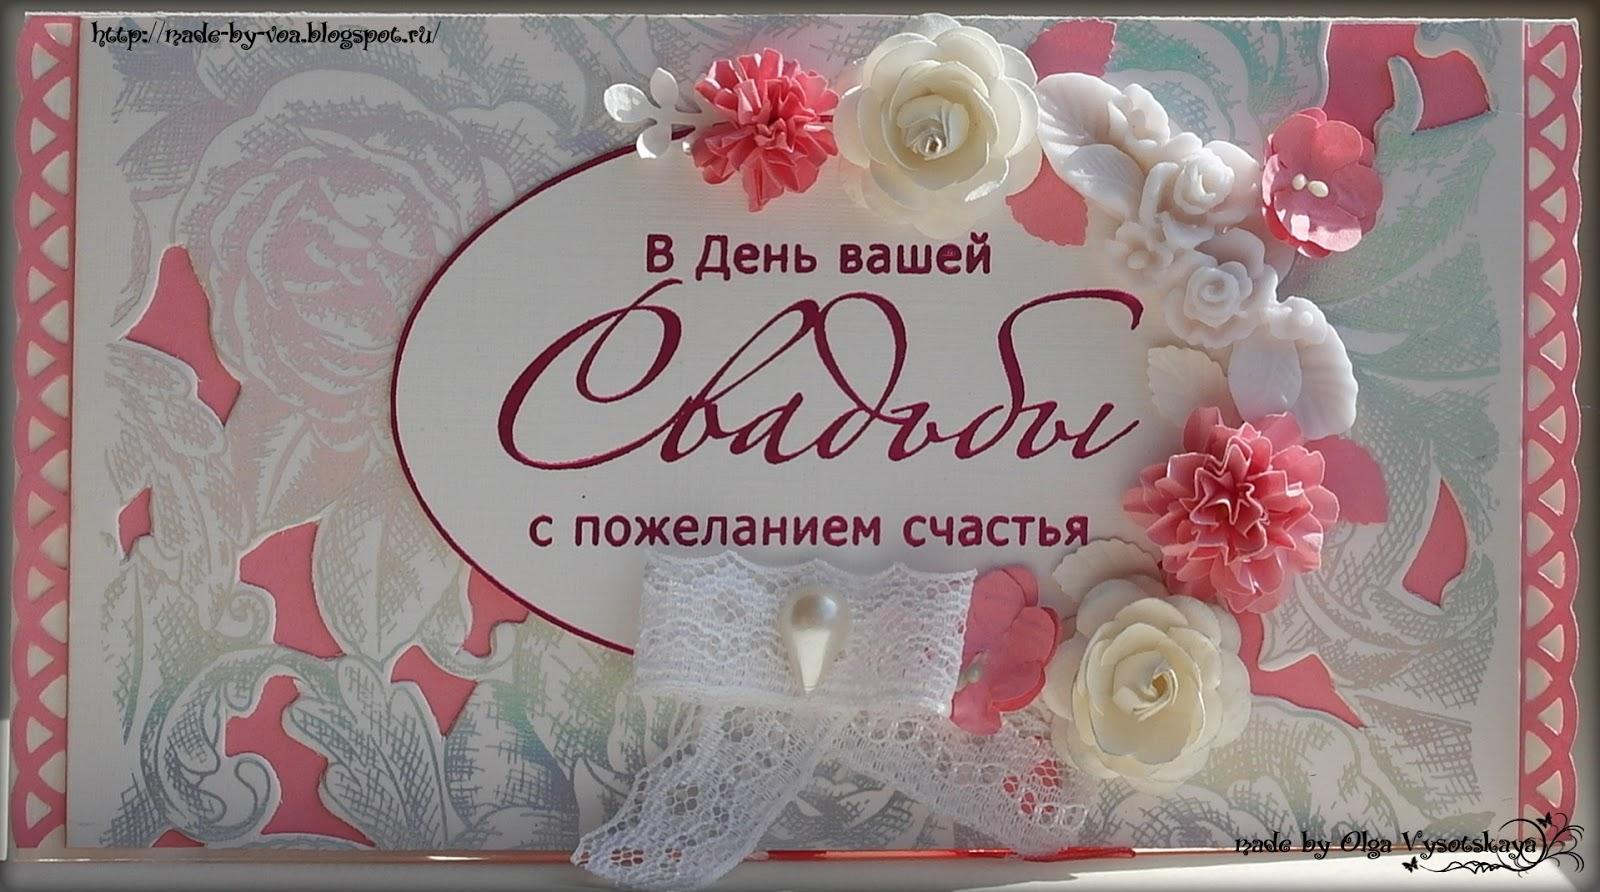 Поздравление на свадьбу Татьяне и Игорю - Мир свадьбы 84